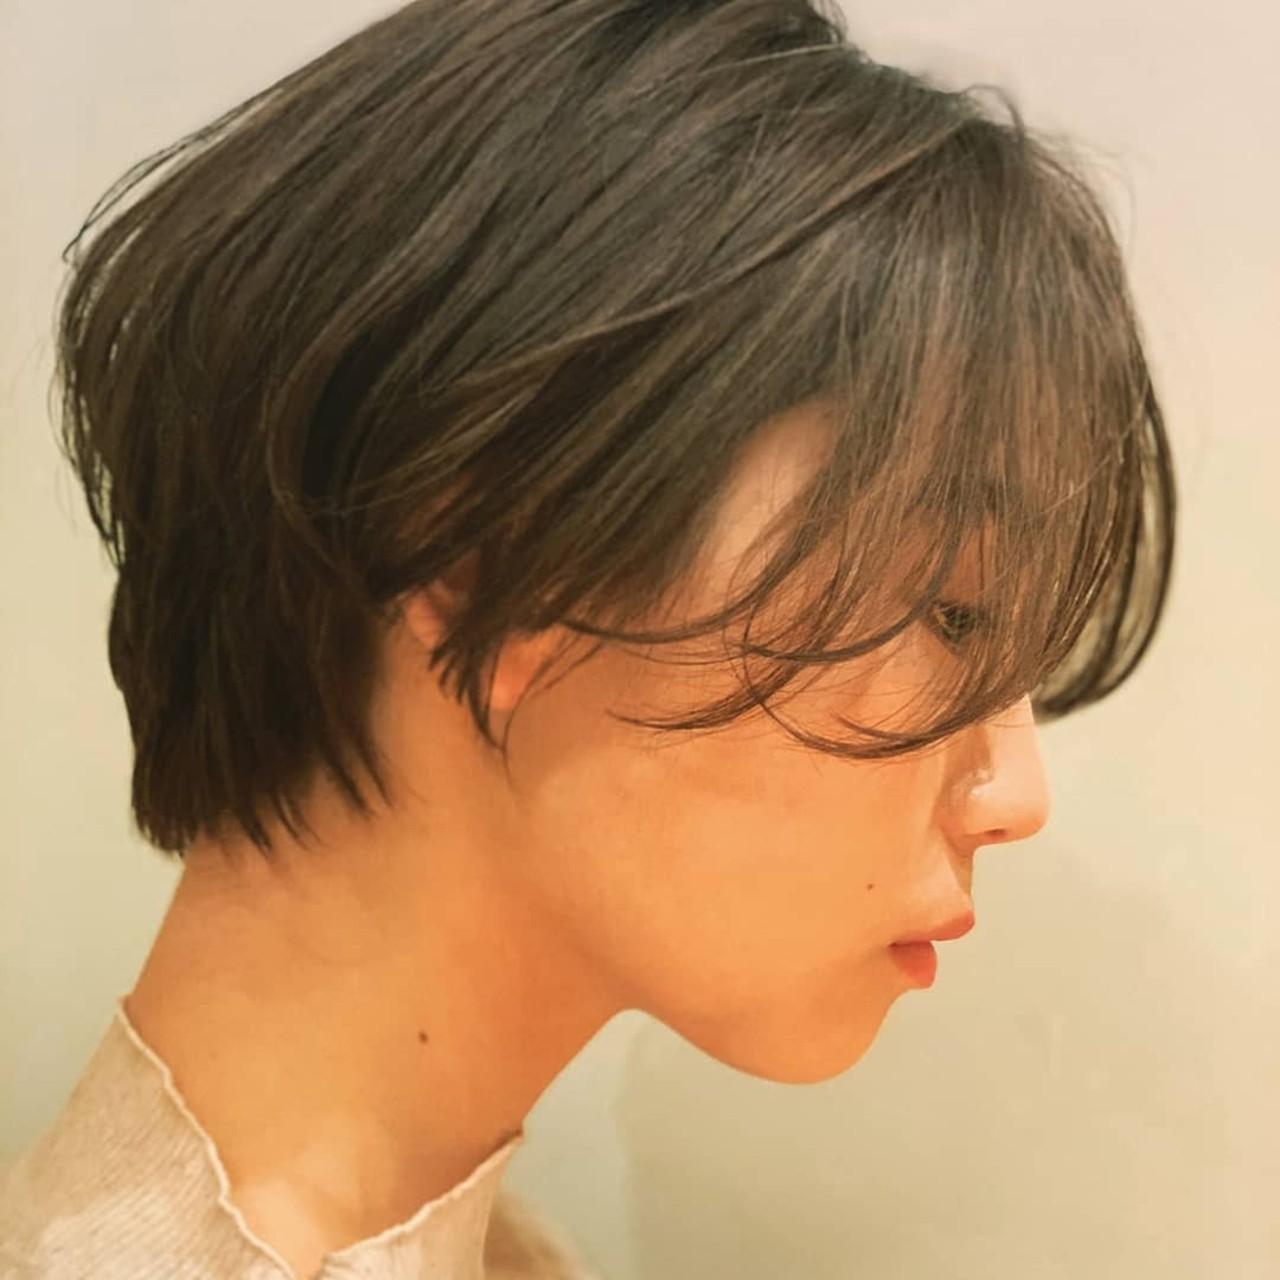 パーマ ショート ナチュラル 透け感ヘア ヘアスタイルや髪型の写真・画像 | ショート・ボブ指名率No.1 野川涼太 / BEAUTRIUM 265